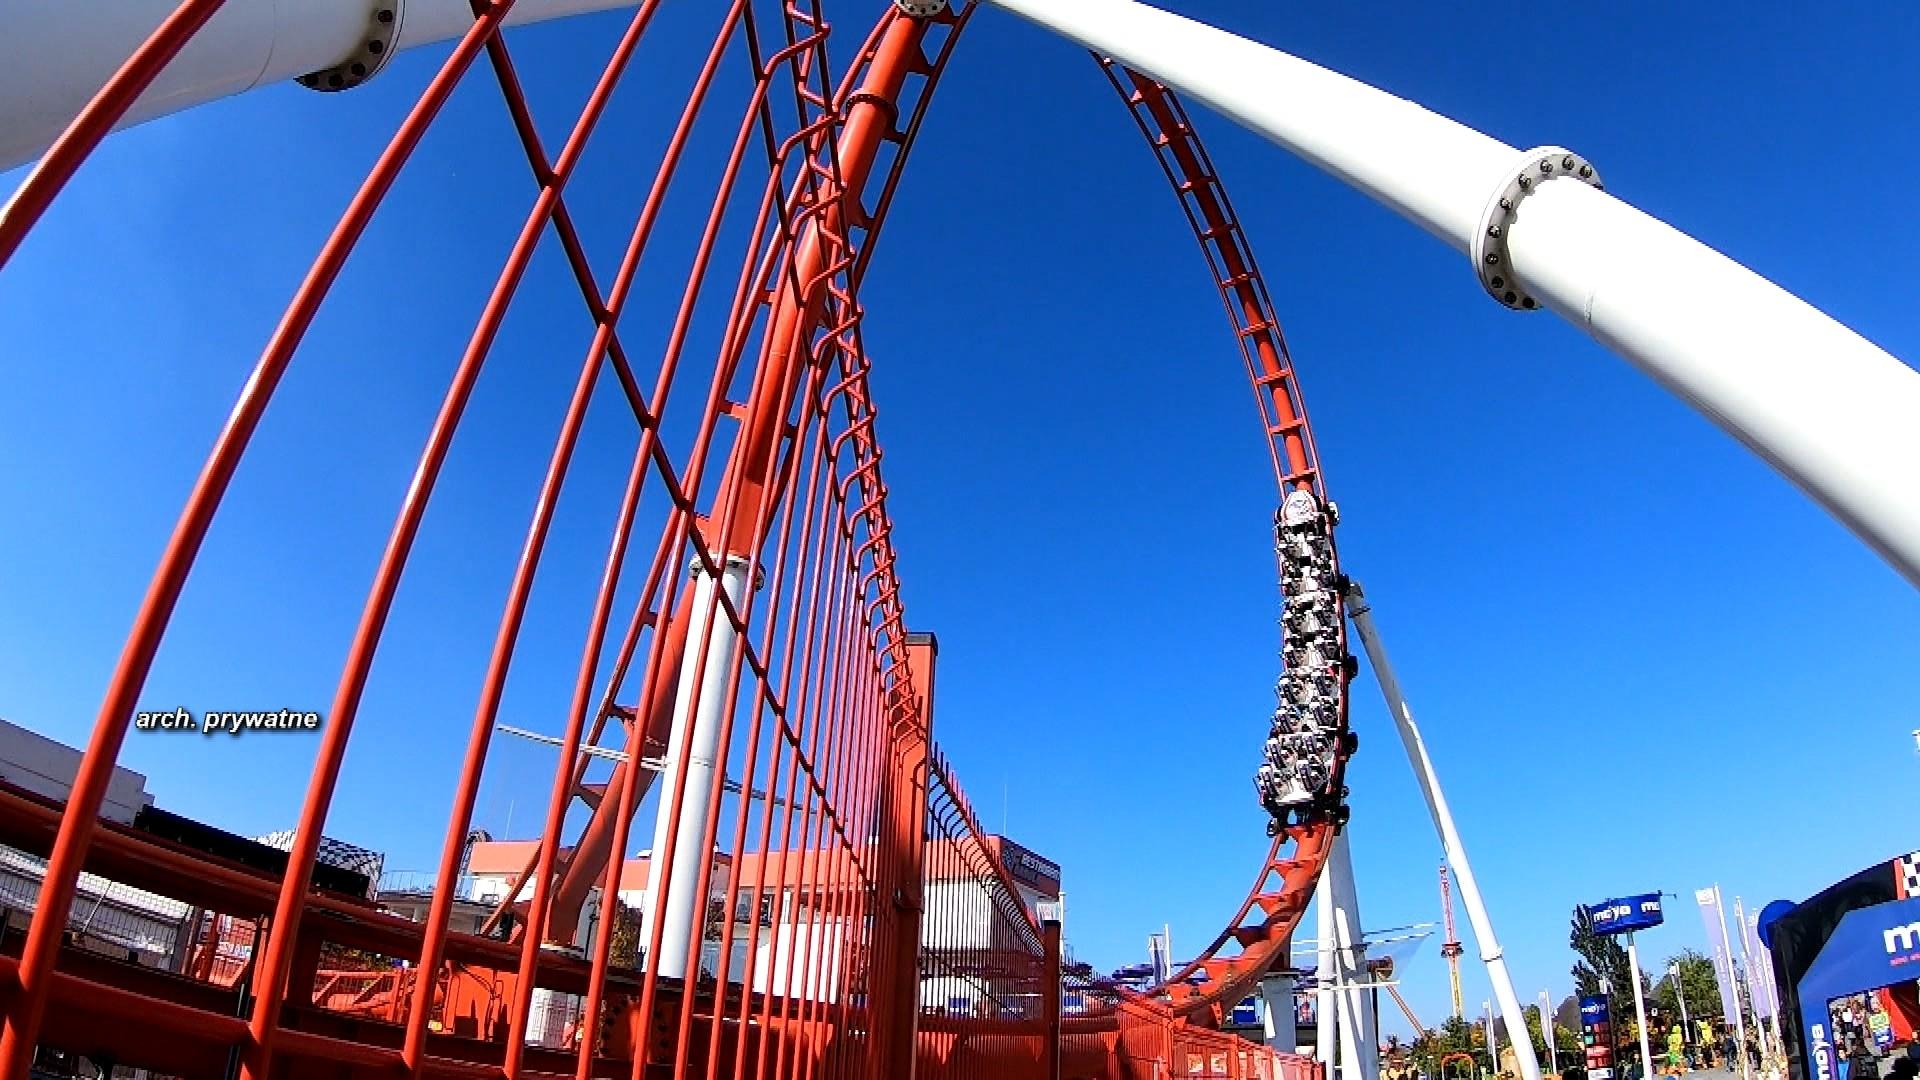 Nurkuje i skacze ze spadochronem, ale rollercoasterem nie pojedzie